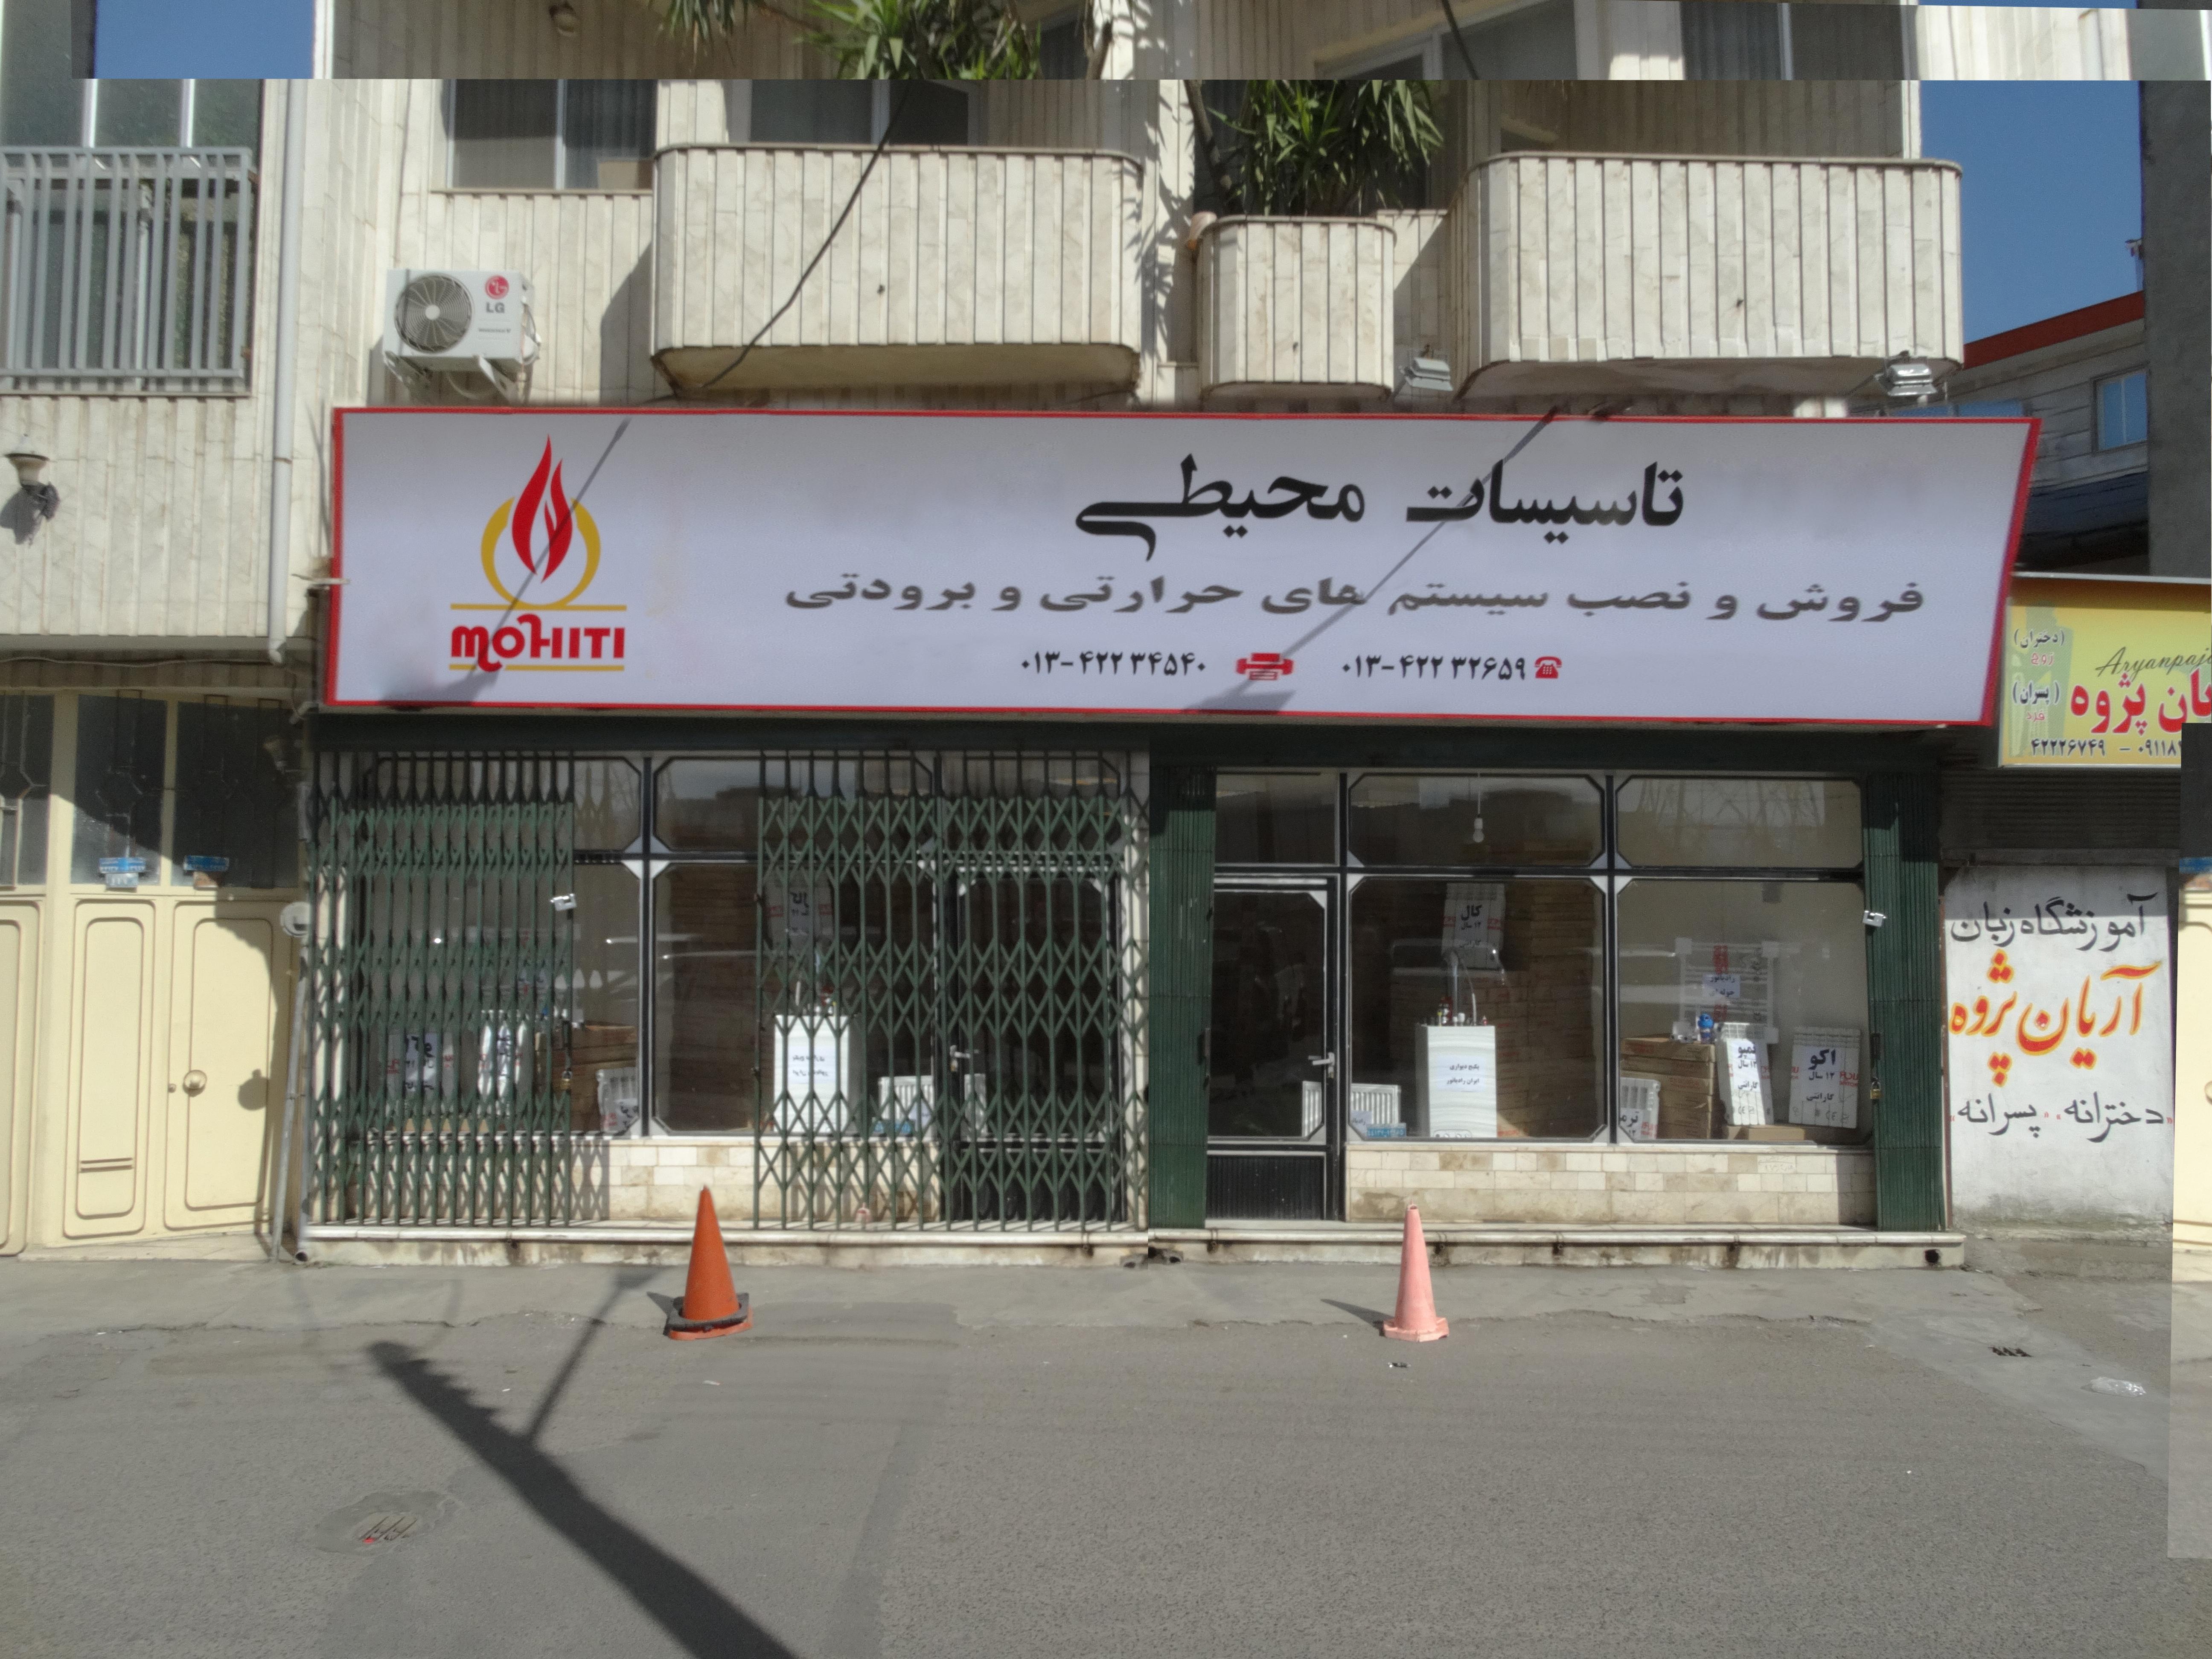 تاسیسات محیطی در لاهیجان5